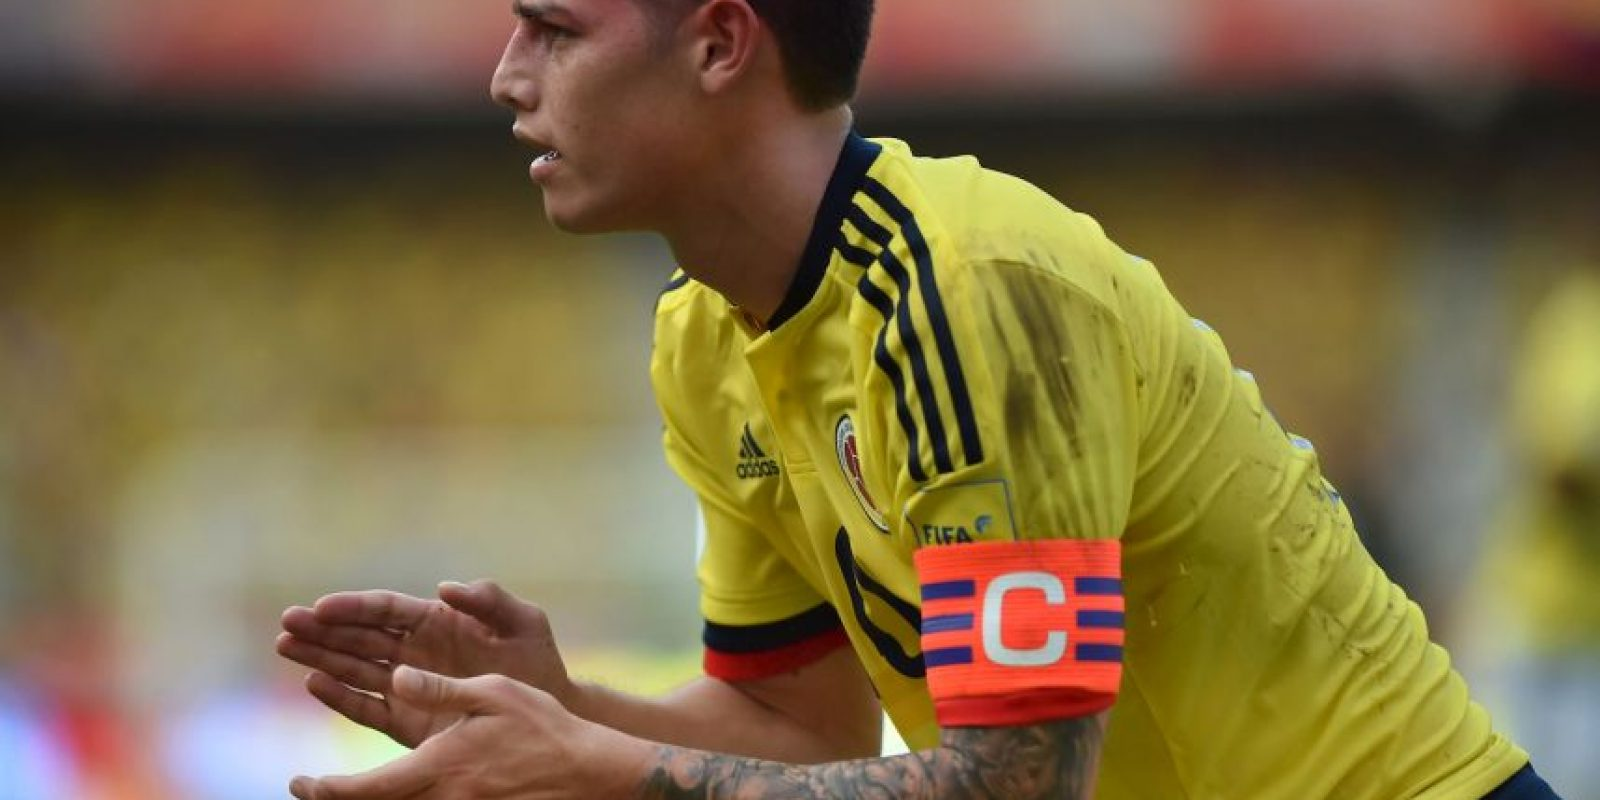 El 10 colombiano es por mucho el mejor jugador de su país, pese a su irregular presente en Real Madrid. Aunque por Zinedine Zidane no es considerado en los titulares, James es el llamado a conducir a la escuadra cafetalera y es un indiscutido para José Pekerman. Tendrá la misión de llevar a su selección a instancias definitivas a un torneo continental que lo encuentra en la plenitud de su madurez. Foto:AFP